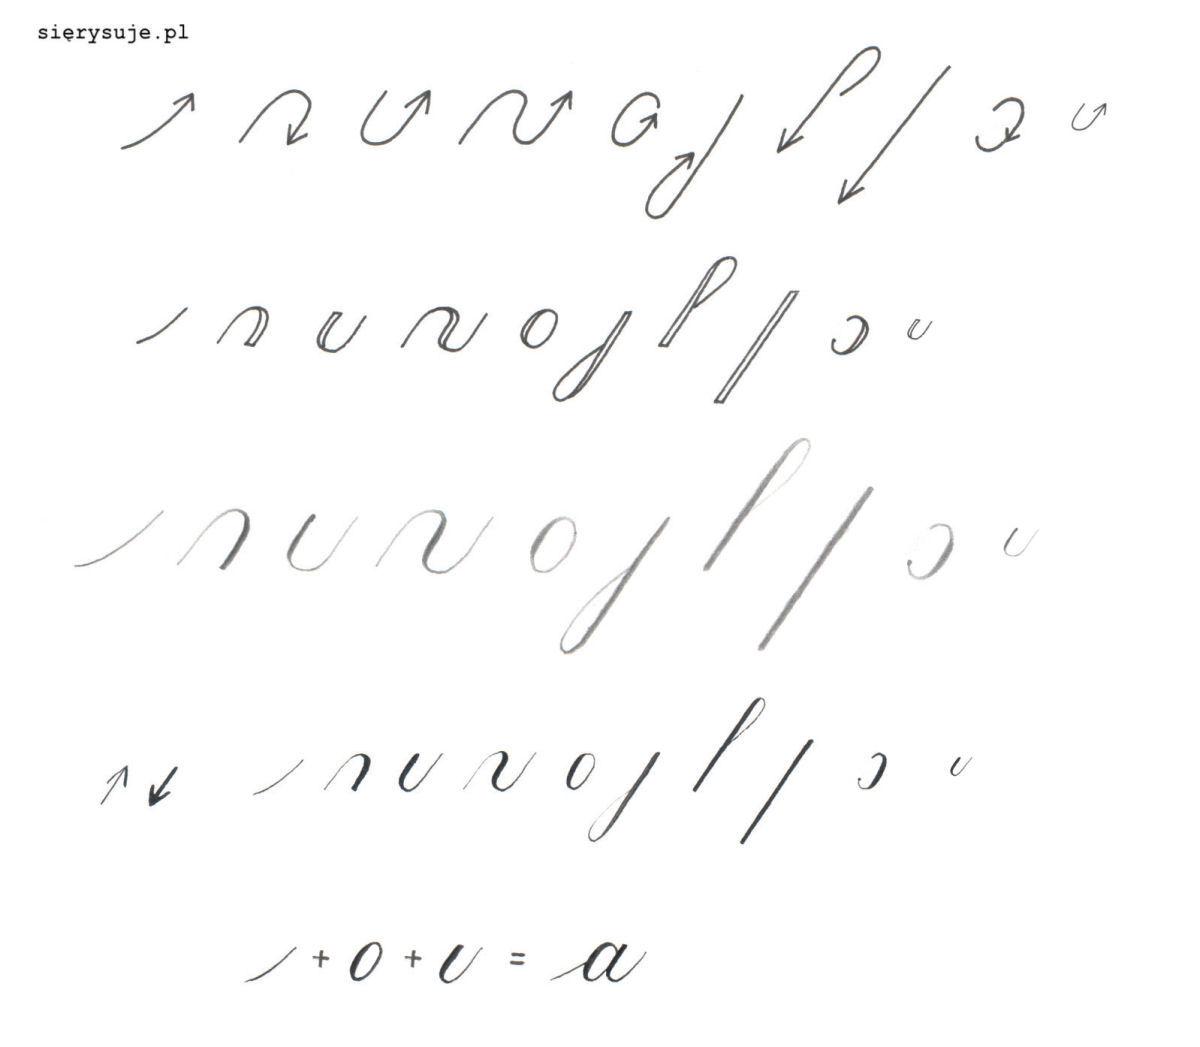 sierysuje.pl elementy składowe liter